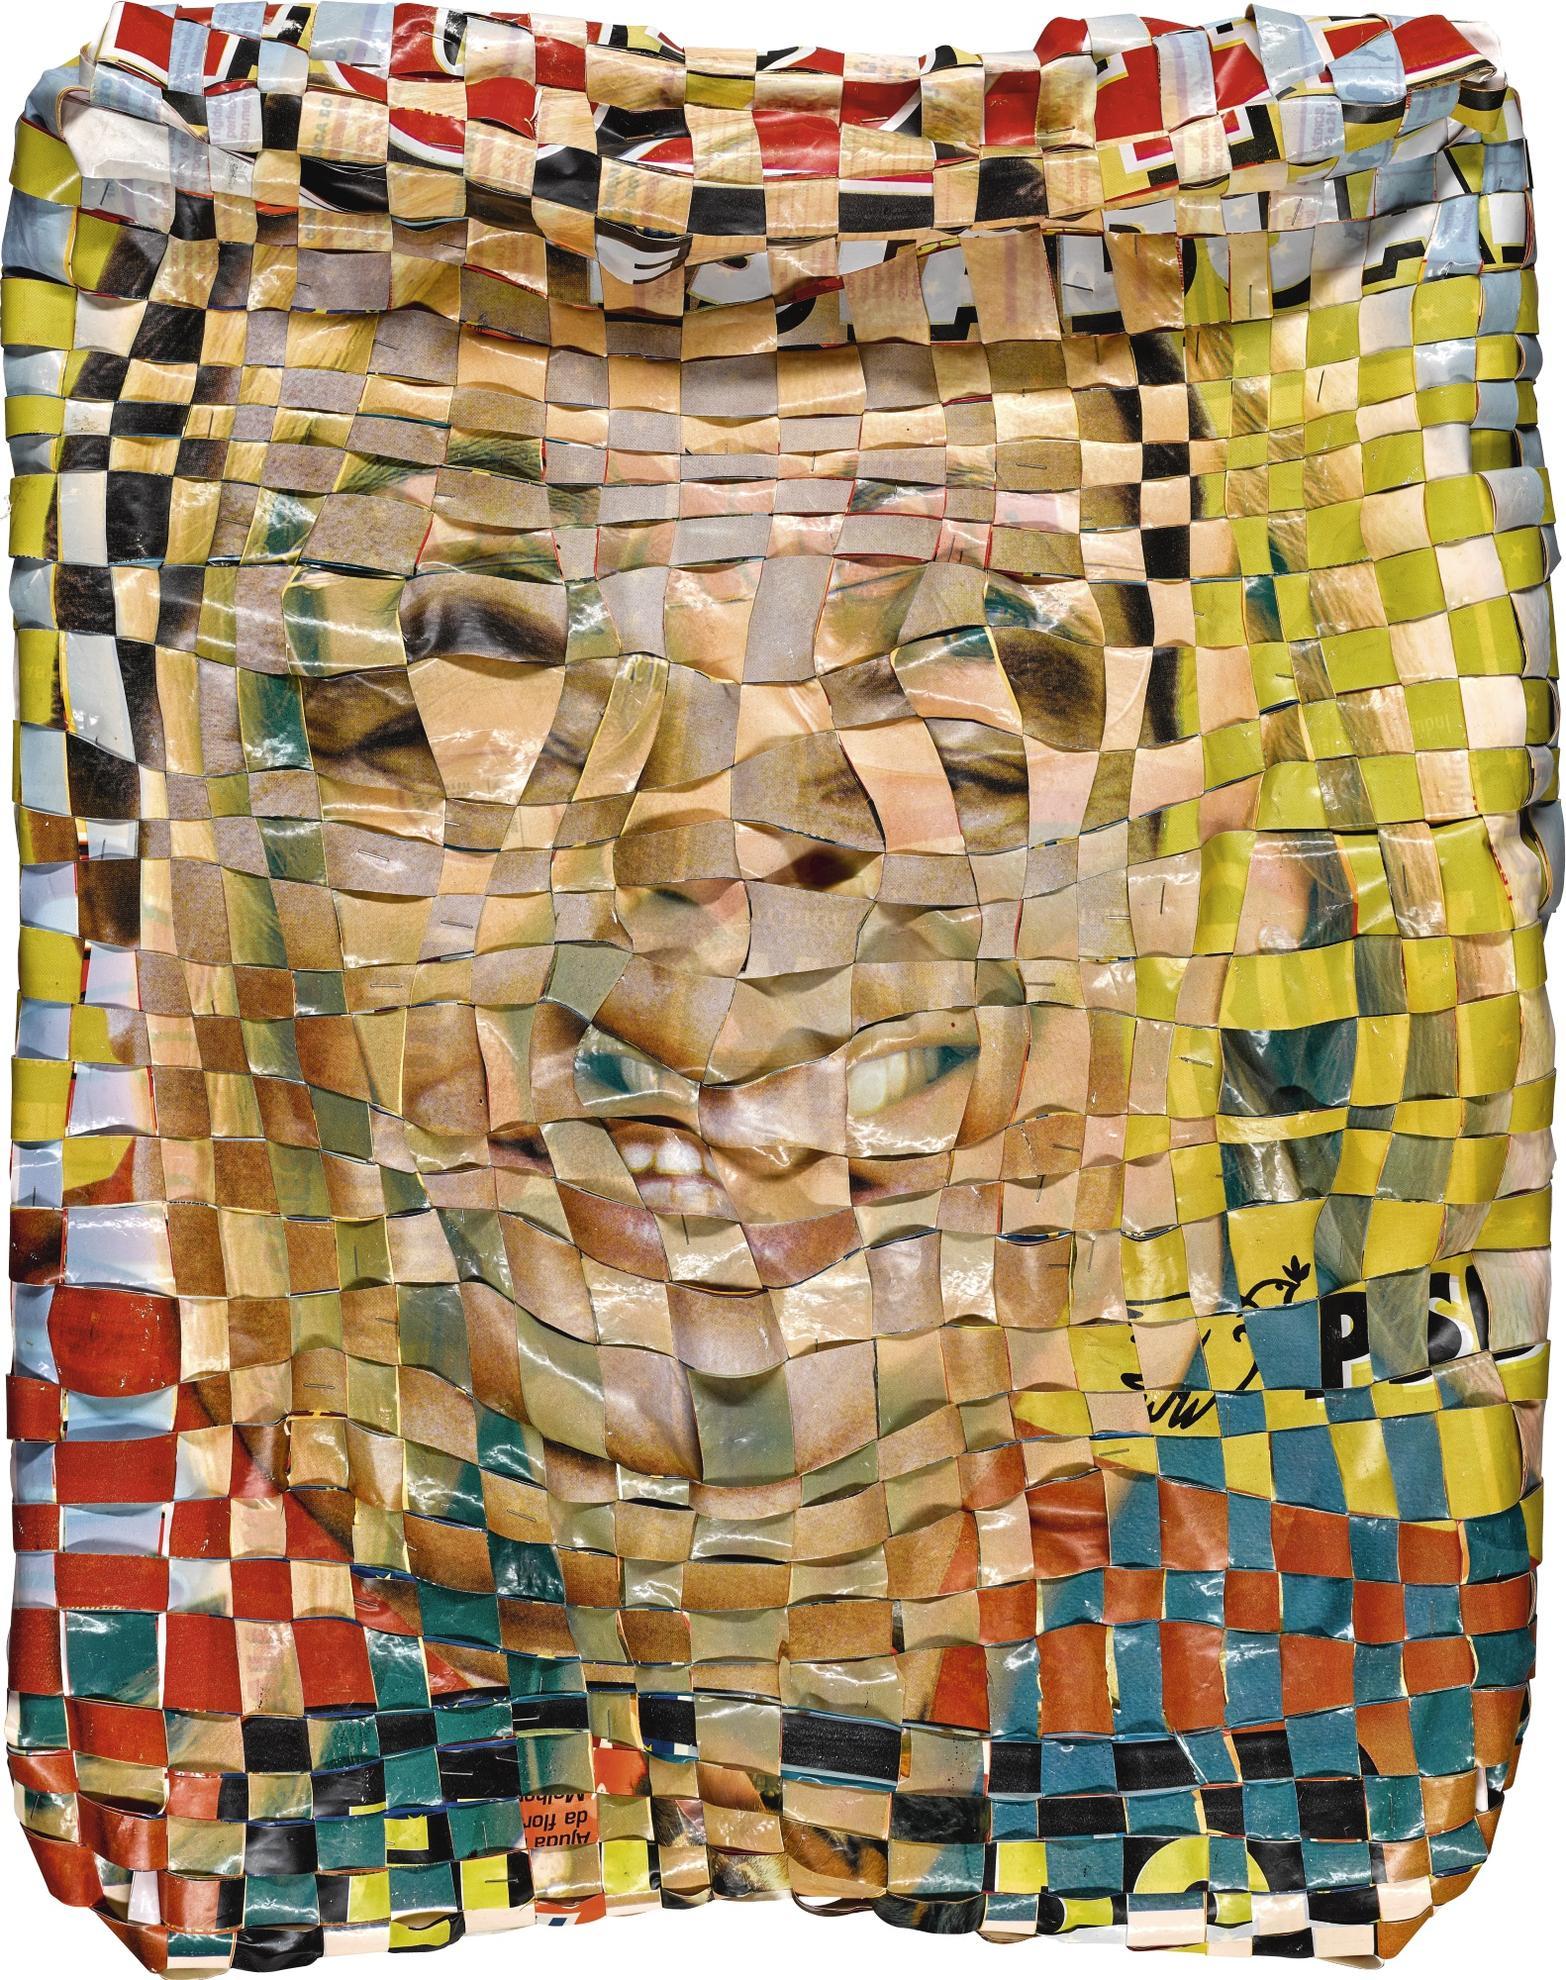 Jarbas Lopes - Untitled-2003